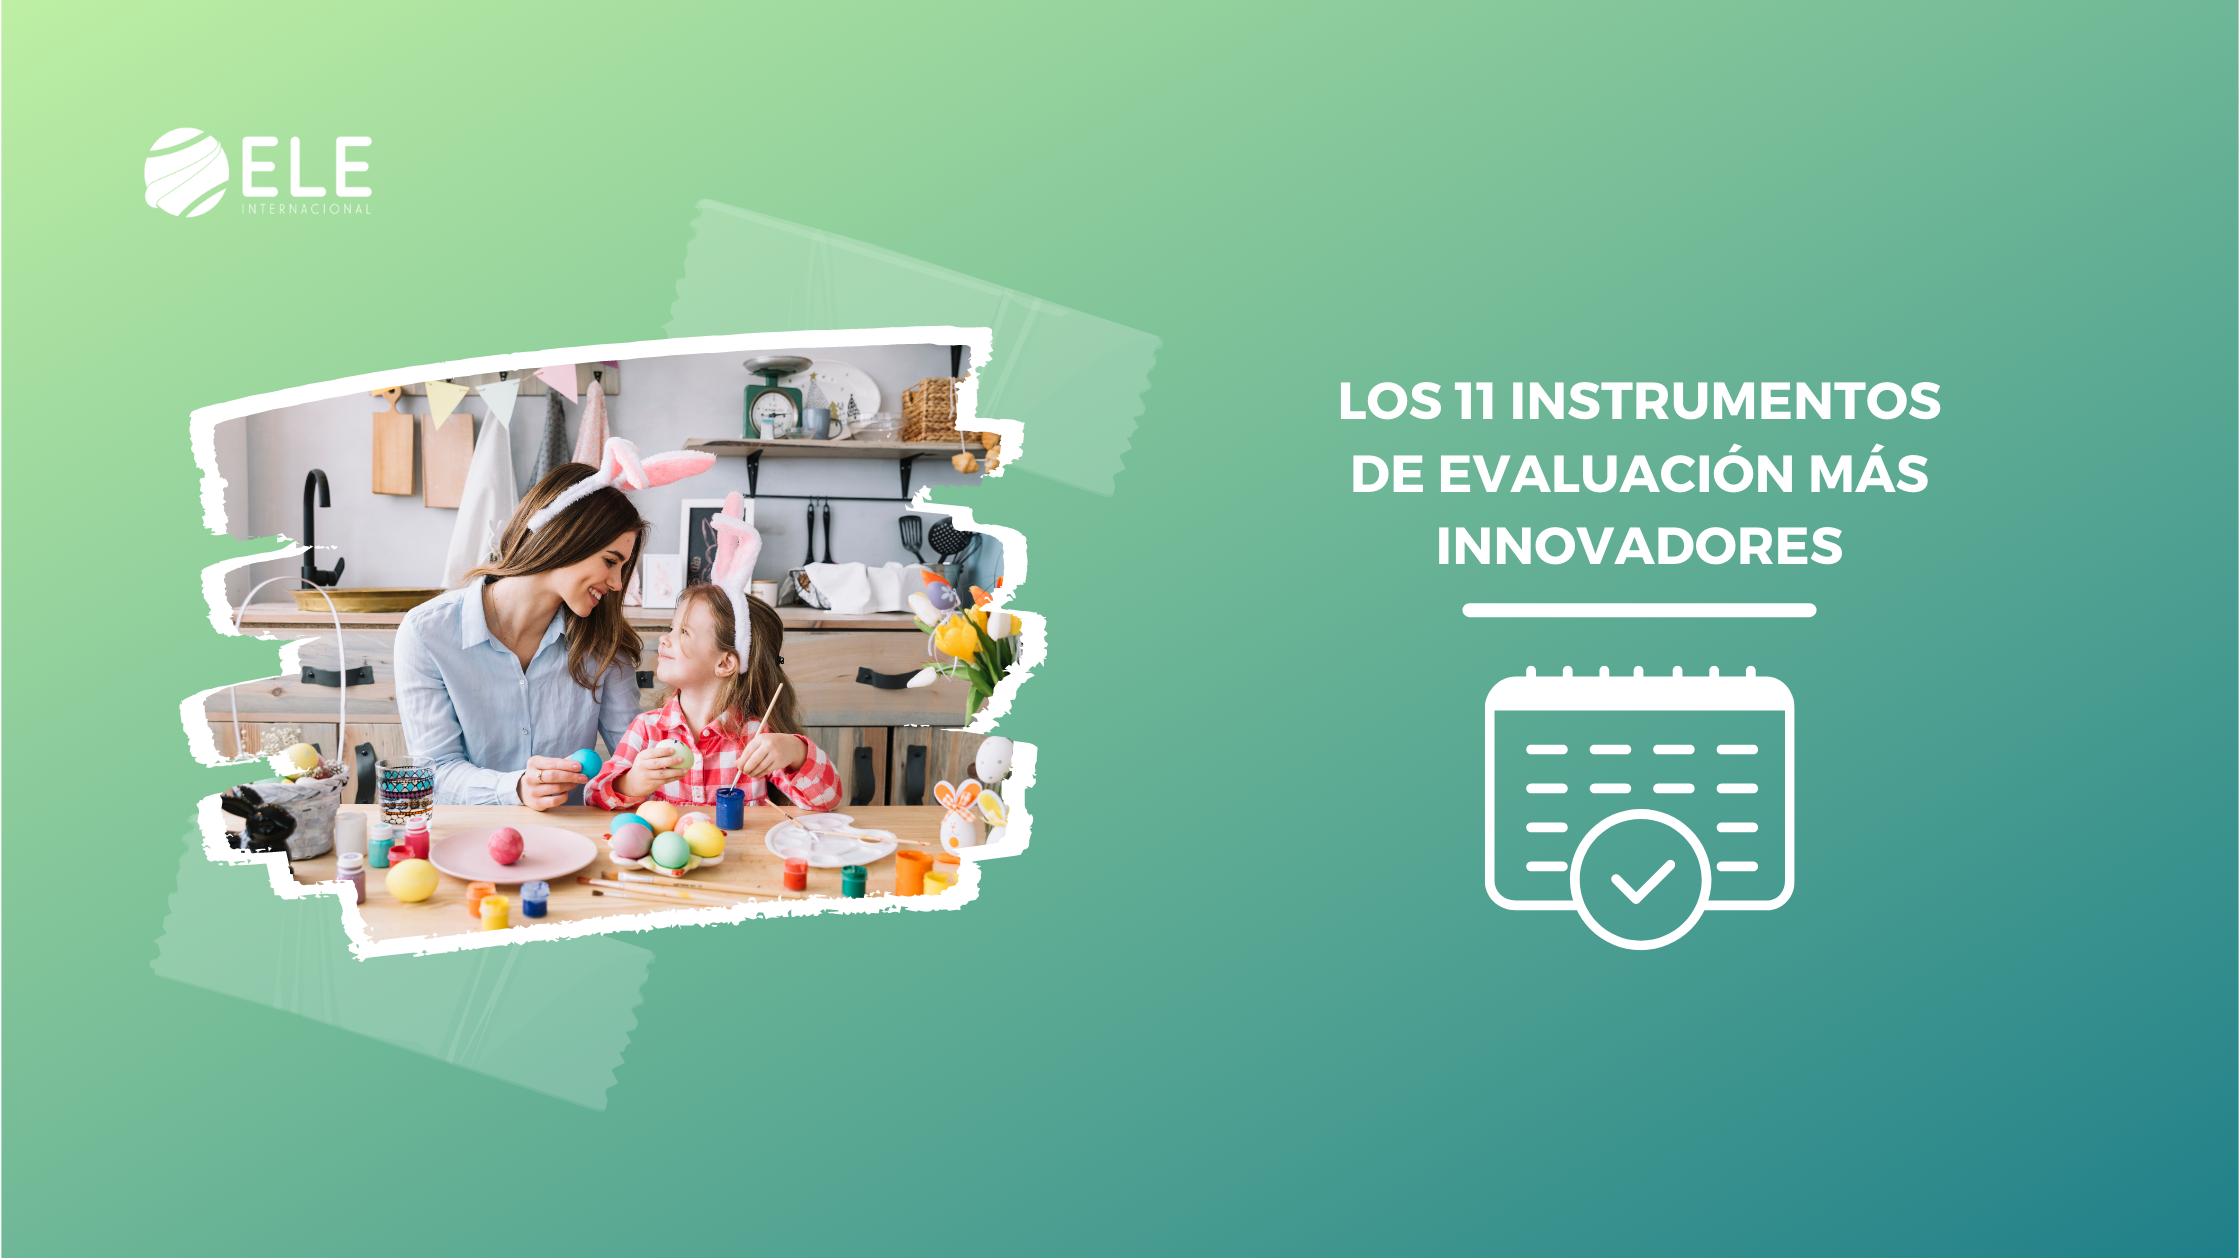 Los 11 instrumentos de evaluación más innovadores